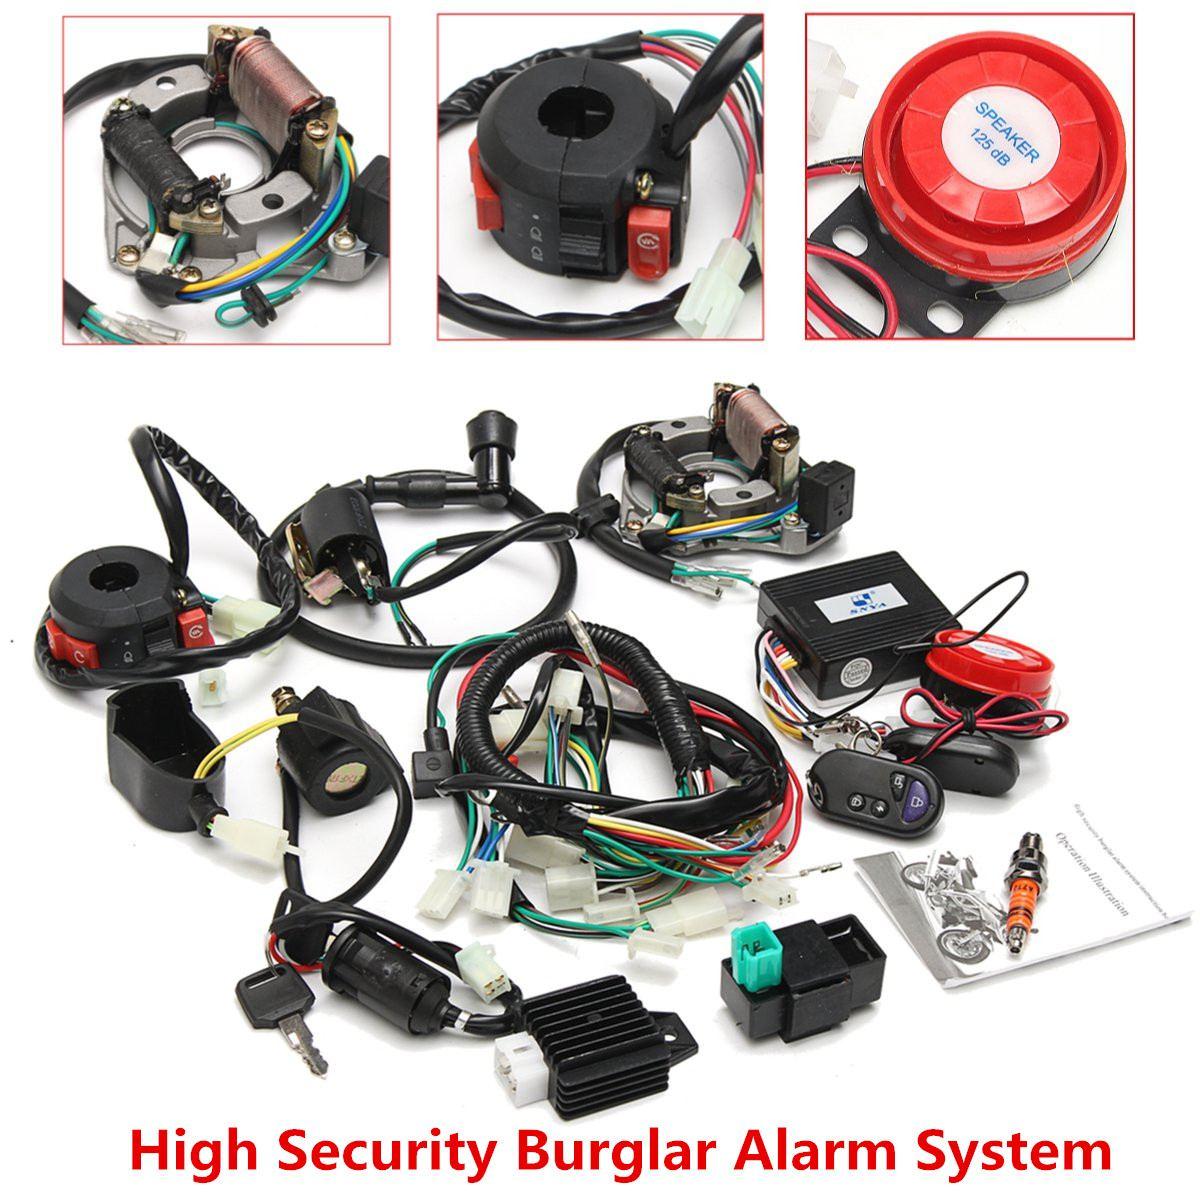 Système d'alarme faisceau de câblage électrique complet CDI 0cc 70cc 110cc 125cc ATV commutateur de démarrage à distance haute sécurité pour électrique